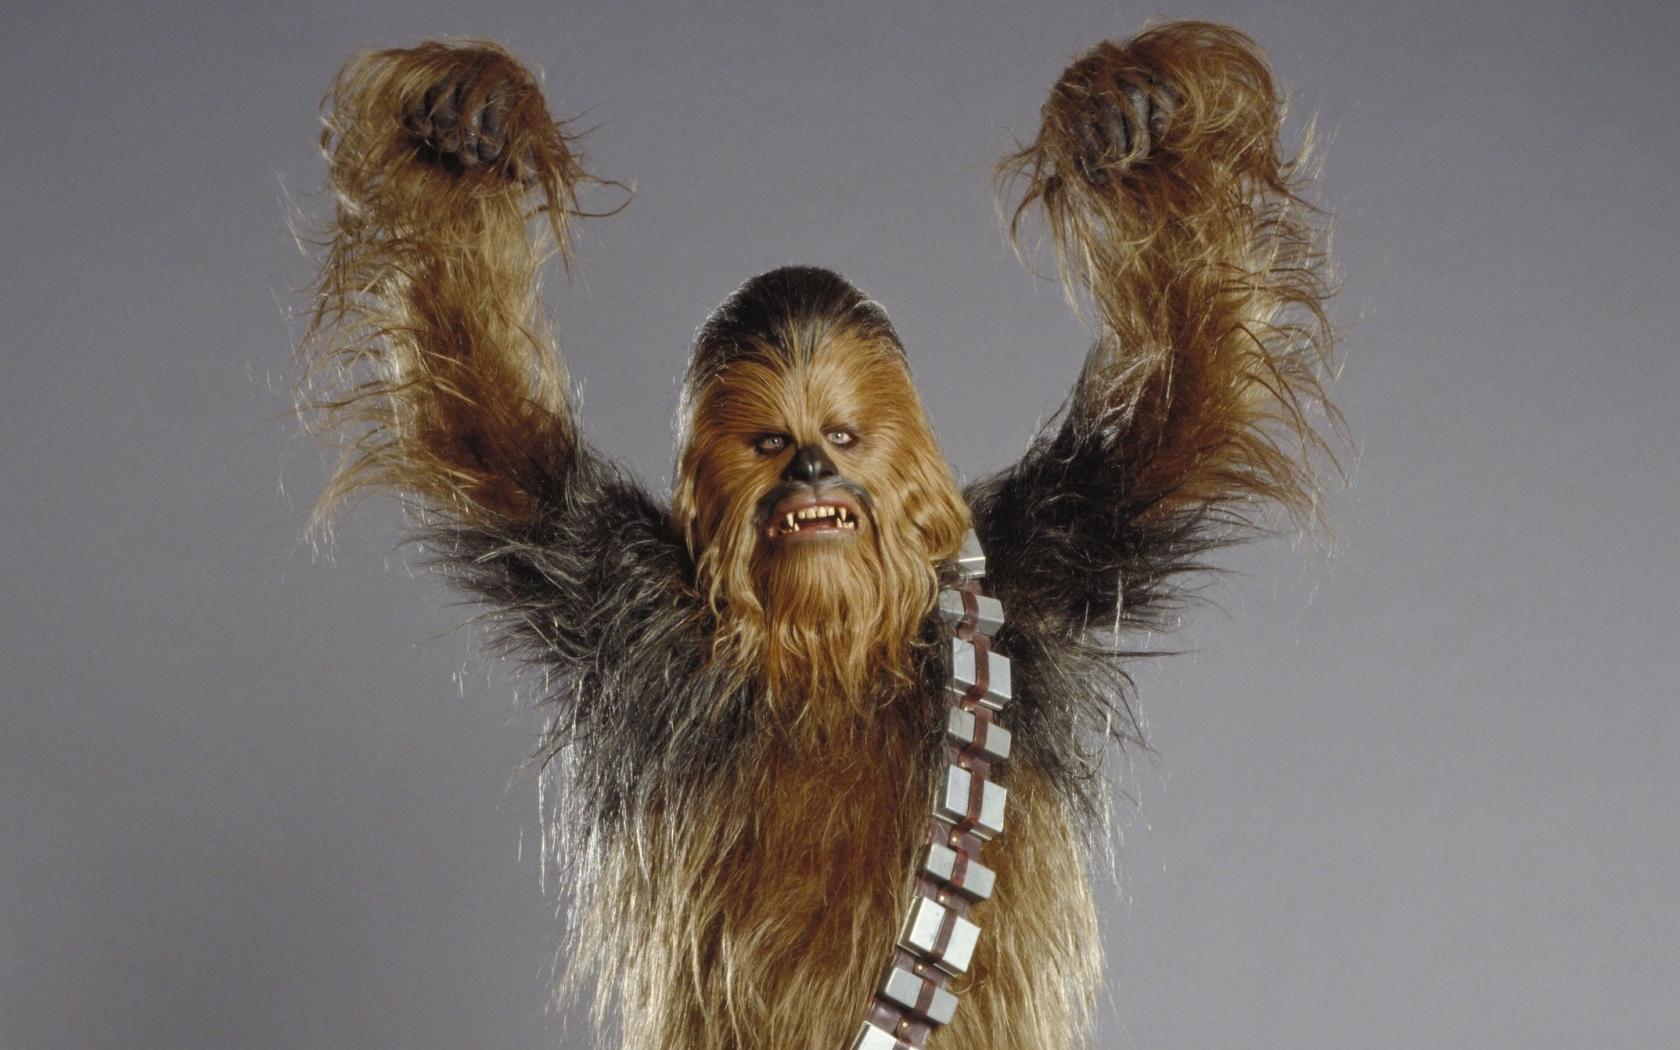 star wars chewbacca wookiee 2147x3000 wallpaper People HD Wallpaper 1680x1050